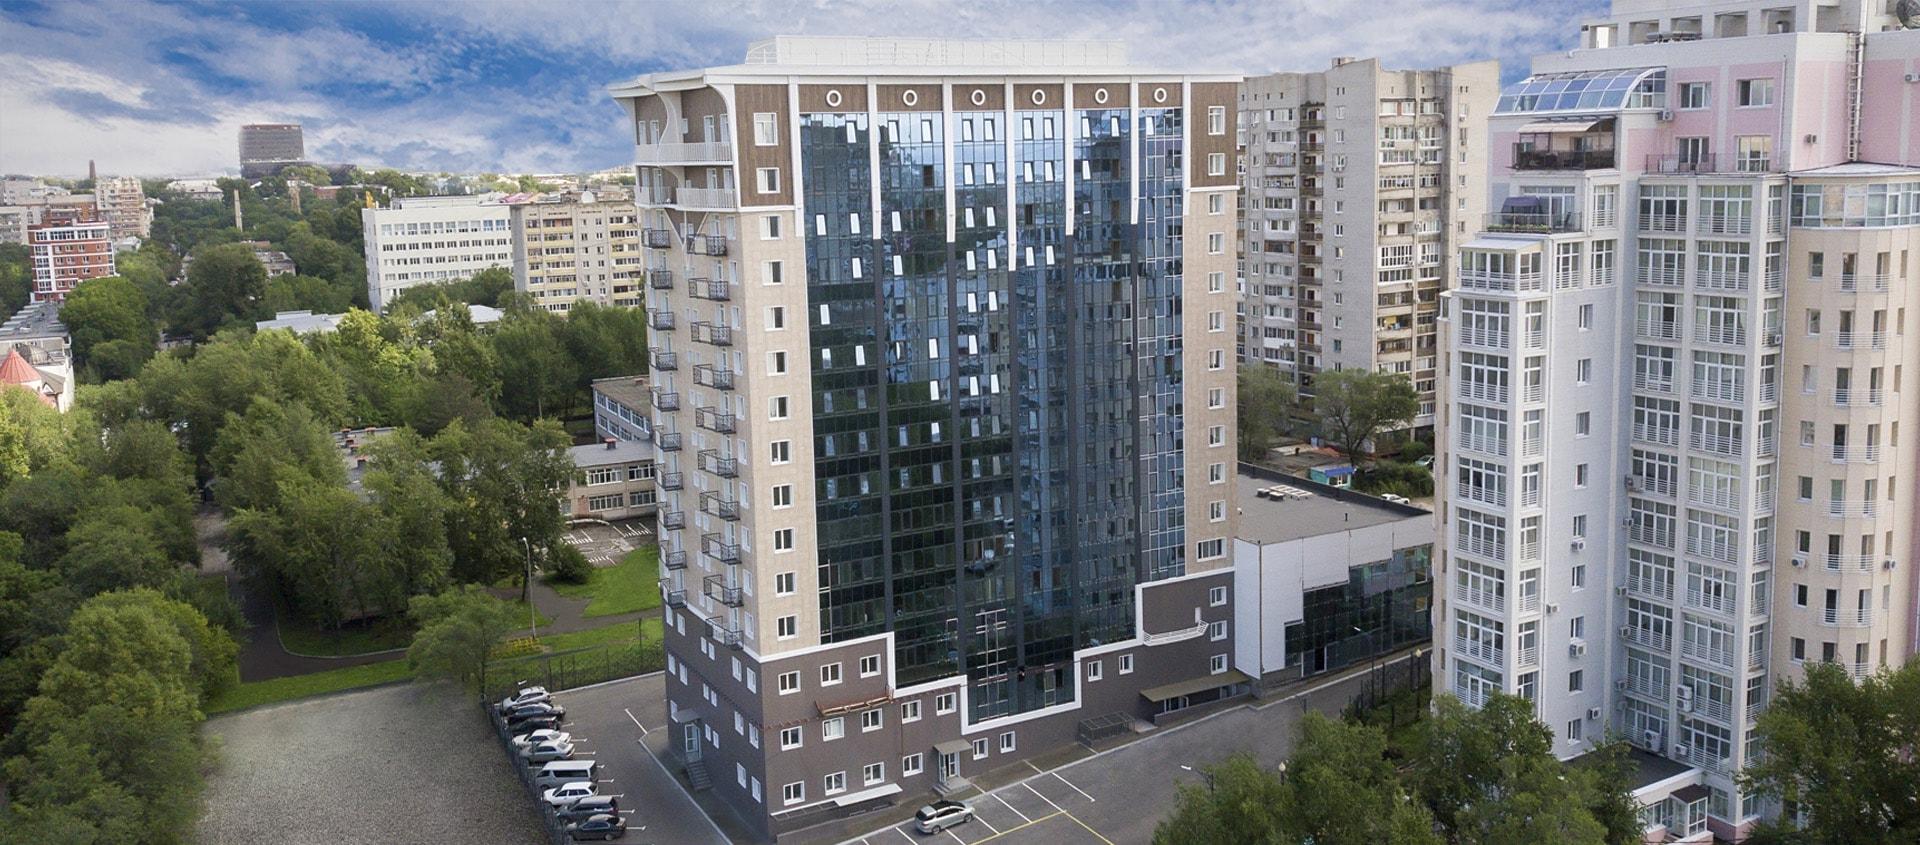 «Новостроев»: лучшие предложения на рынке недвижимости во Владивостоке